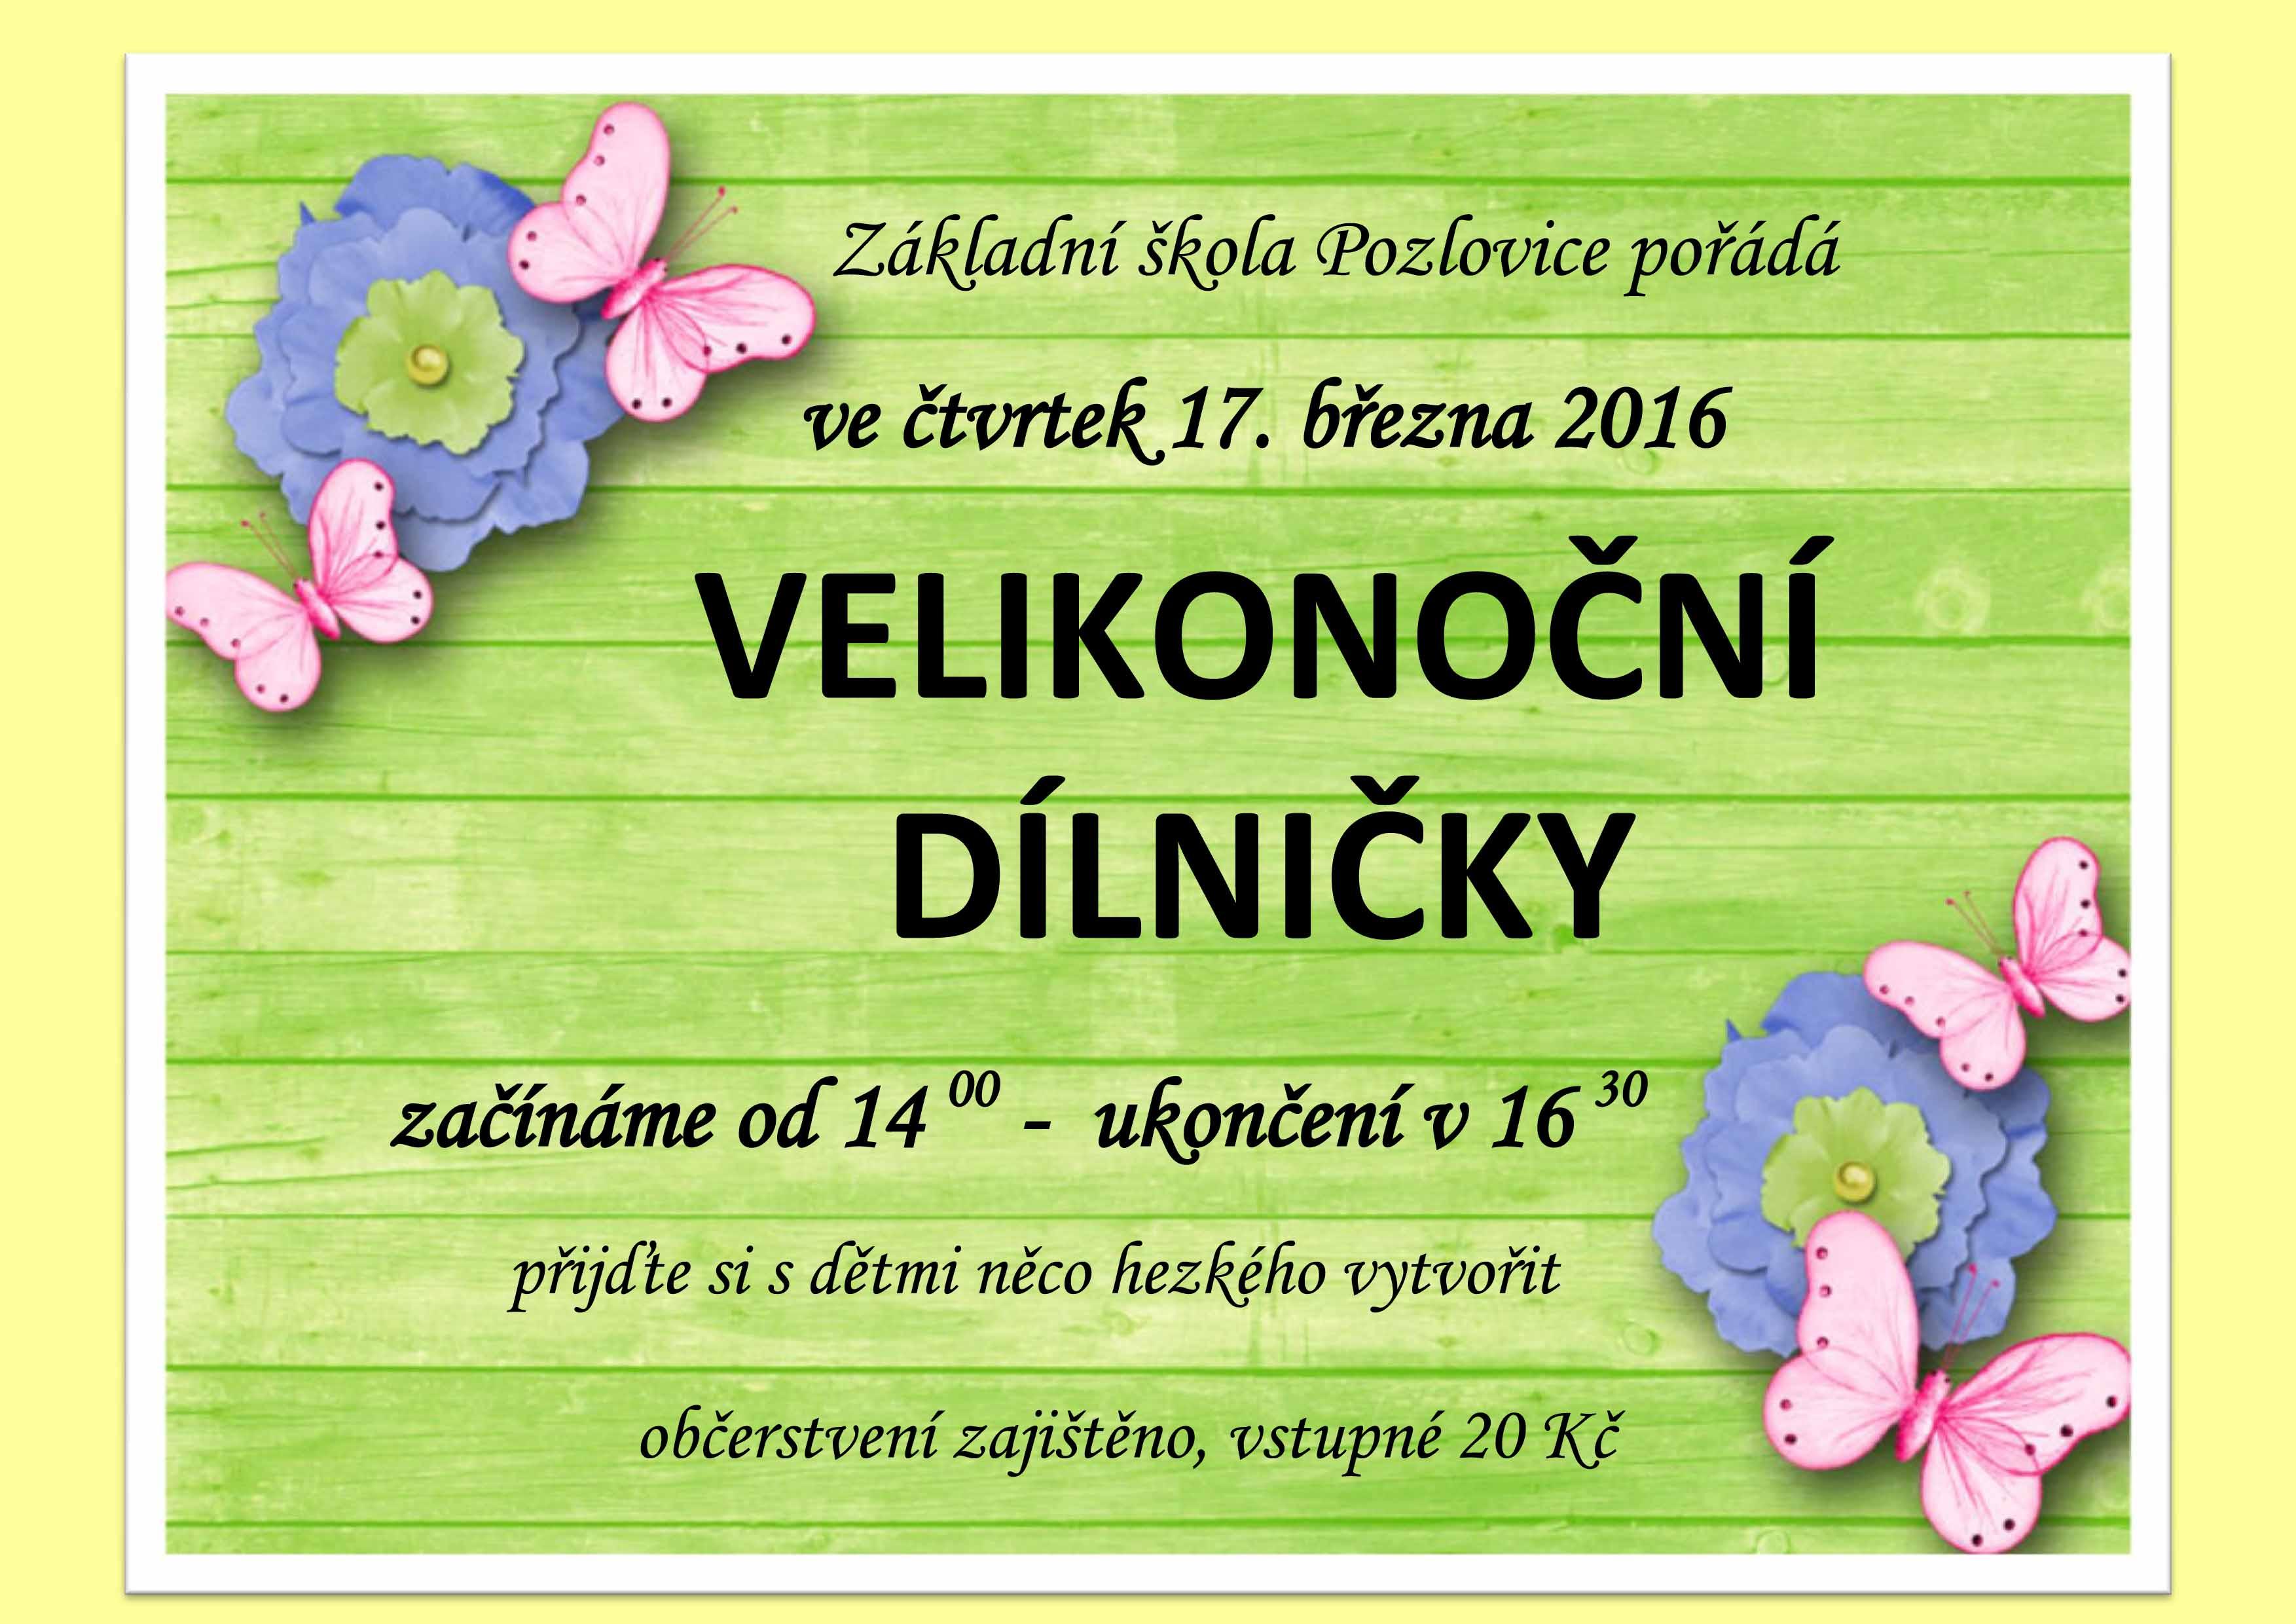 velikonocni_dilny_2016